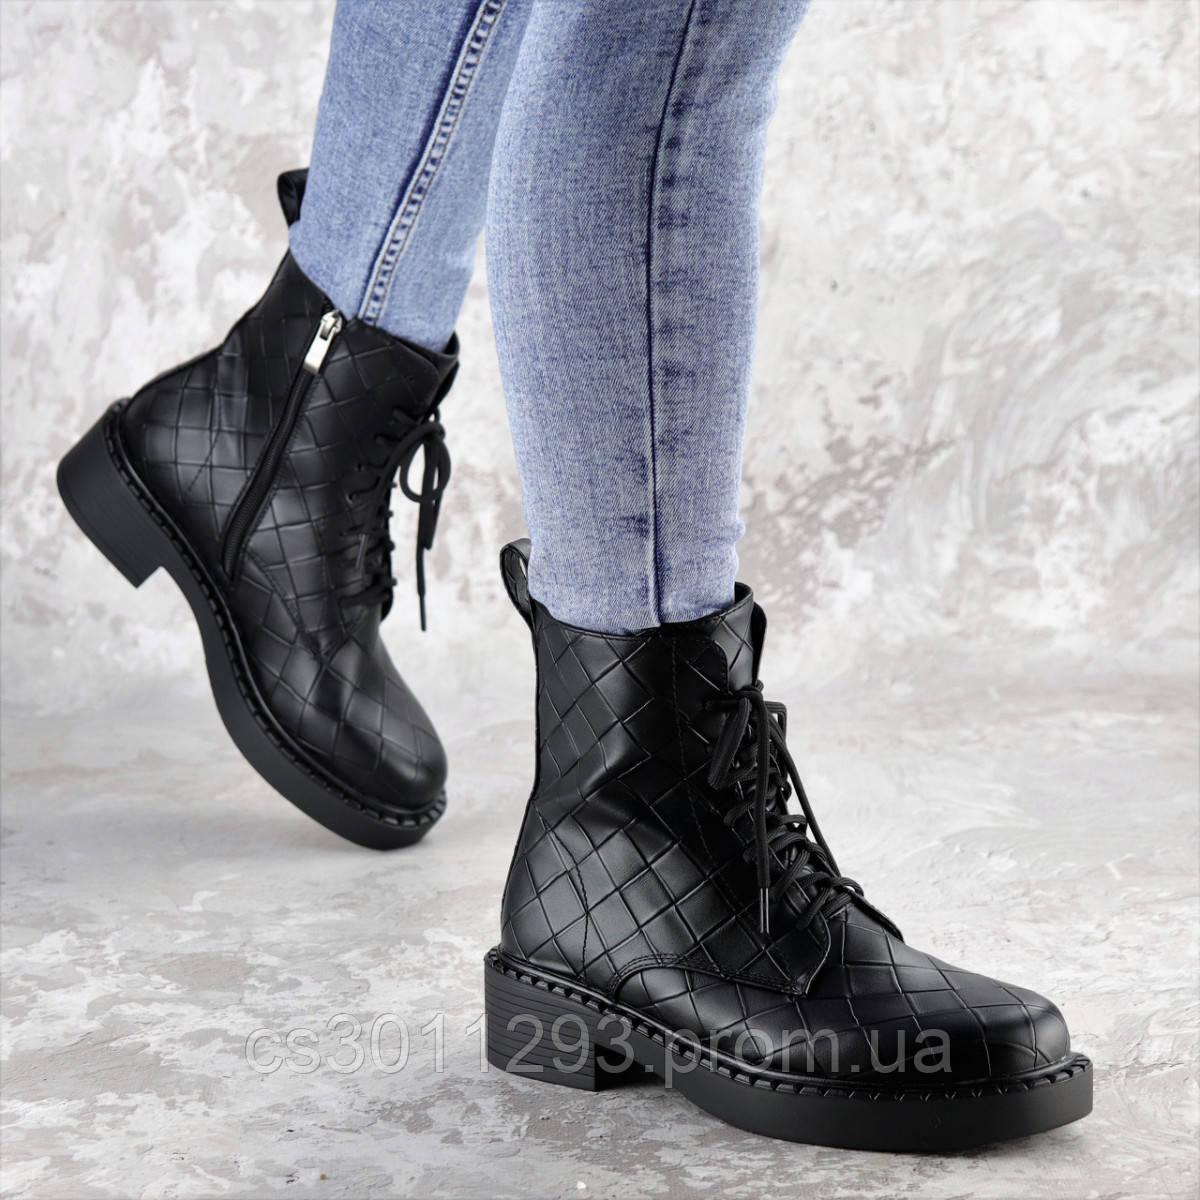 Ботинки женские Fashion Richardson 2396 36 размер 23,5 см Черный